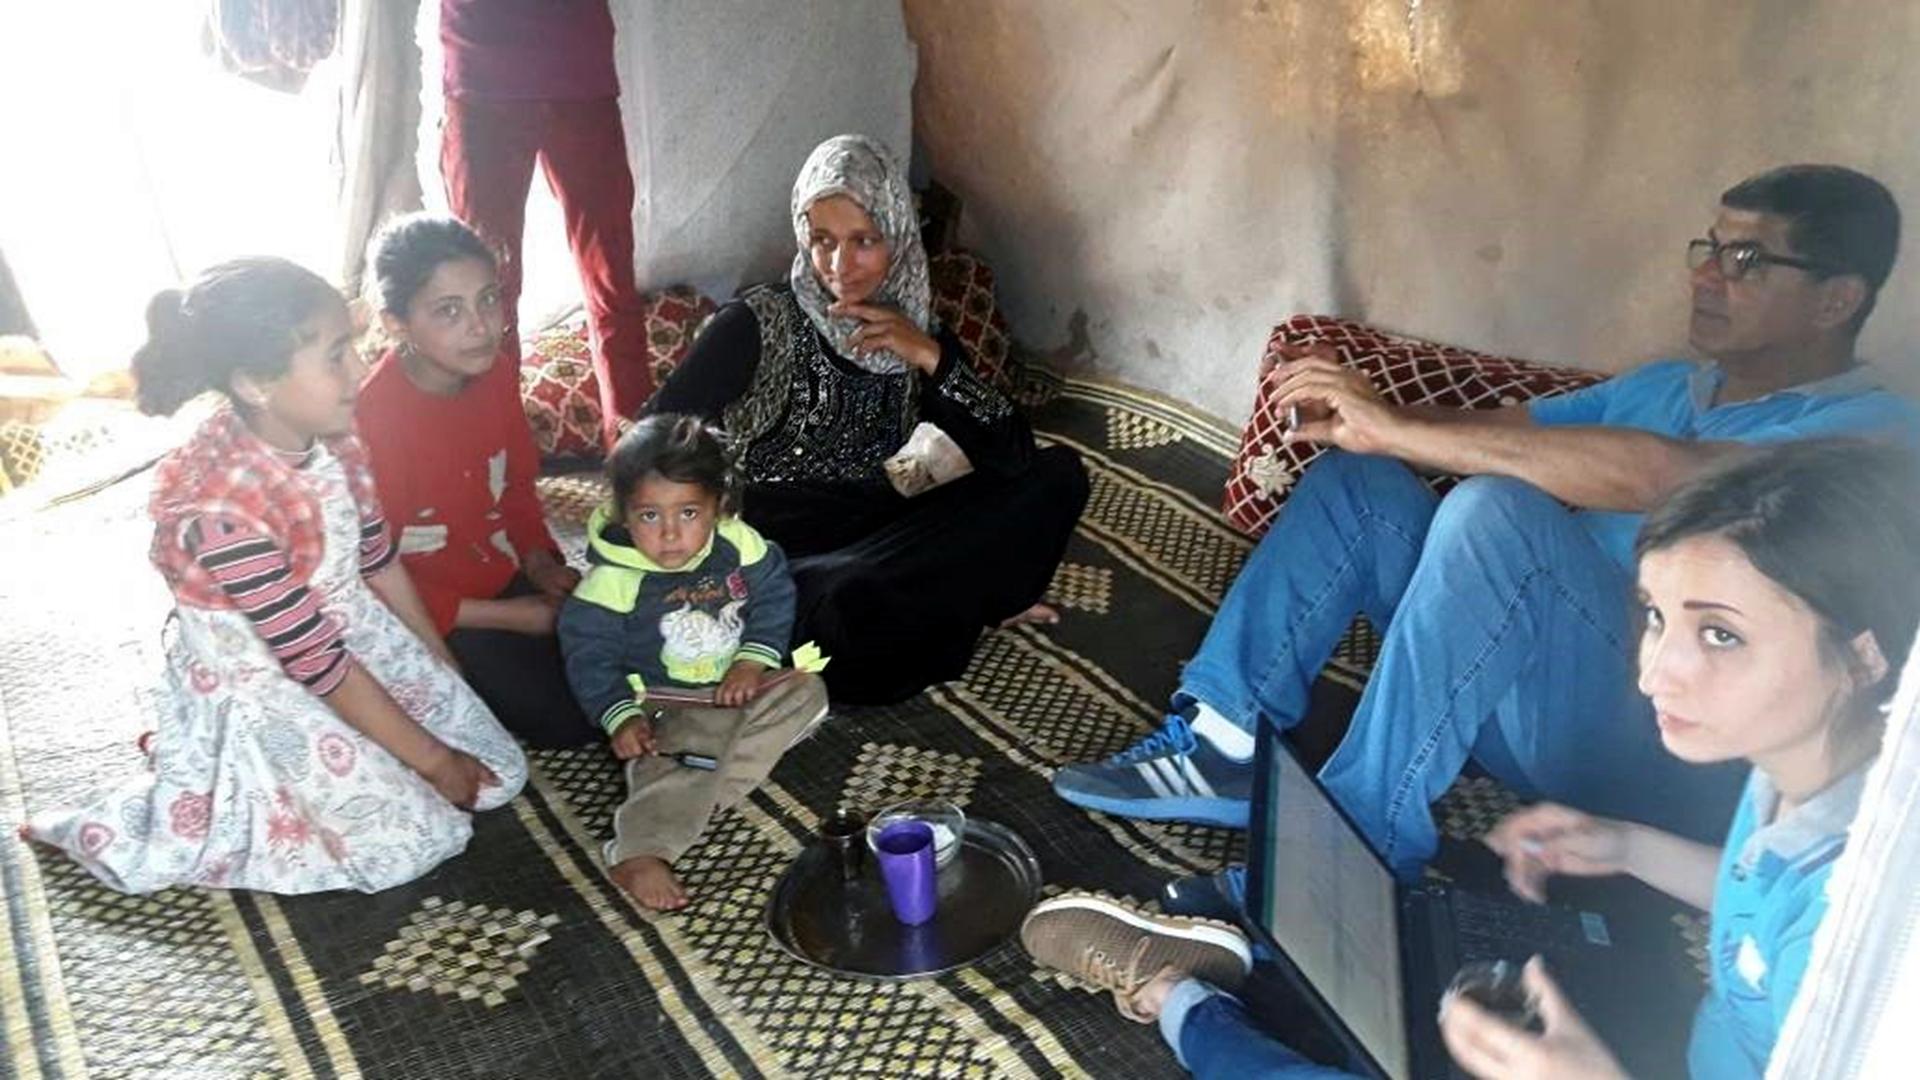 ghazaleh-e-la-sua-famiglia-incontrano-frate-georges-sabe-dei-maristi-blu-nel-campo-di-al-chahba-nei-pressi-di-kafar-naseh-foto-fmsi